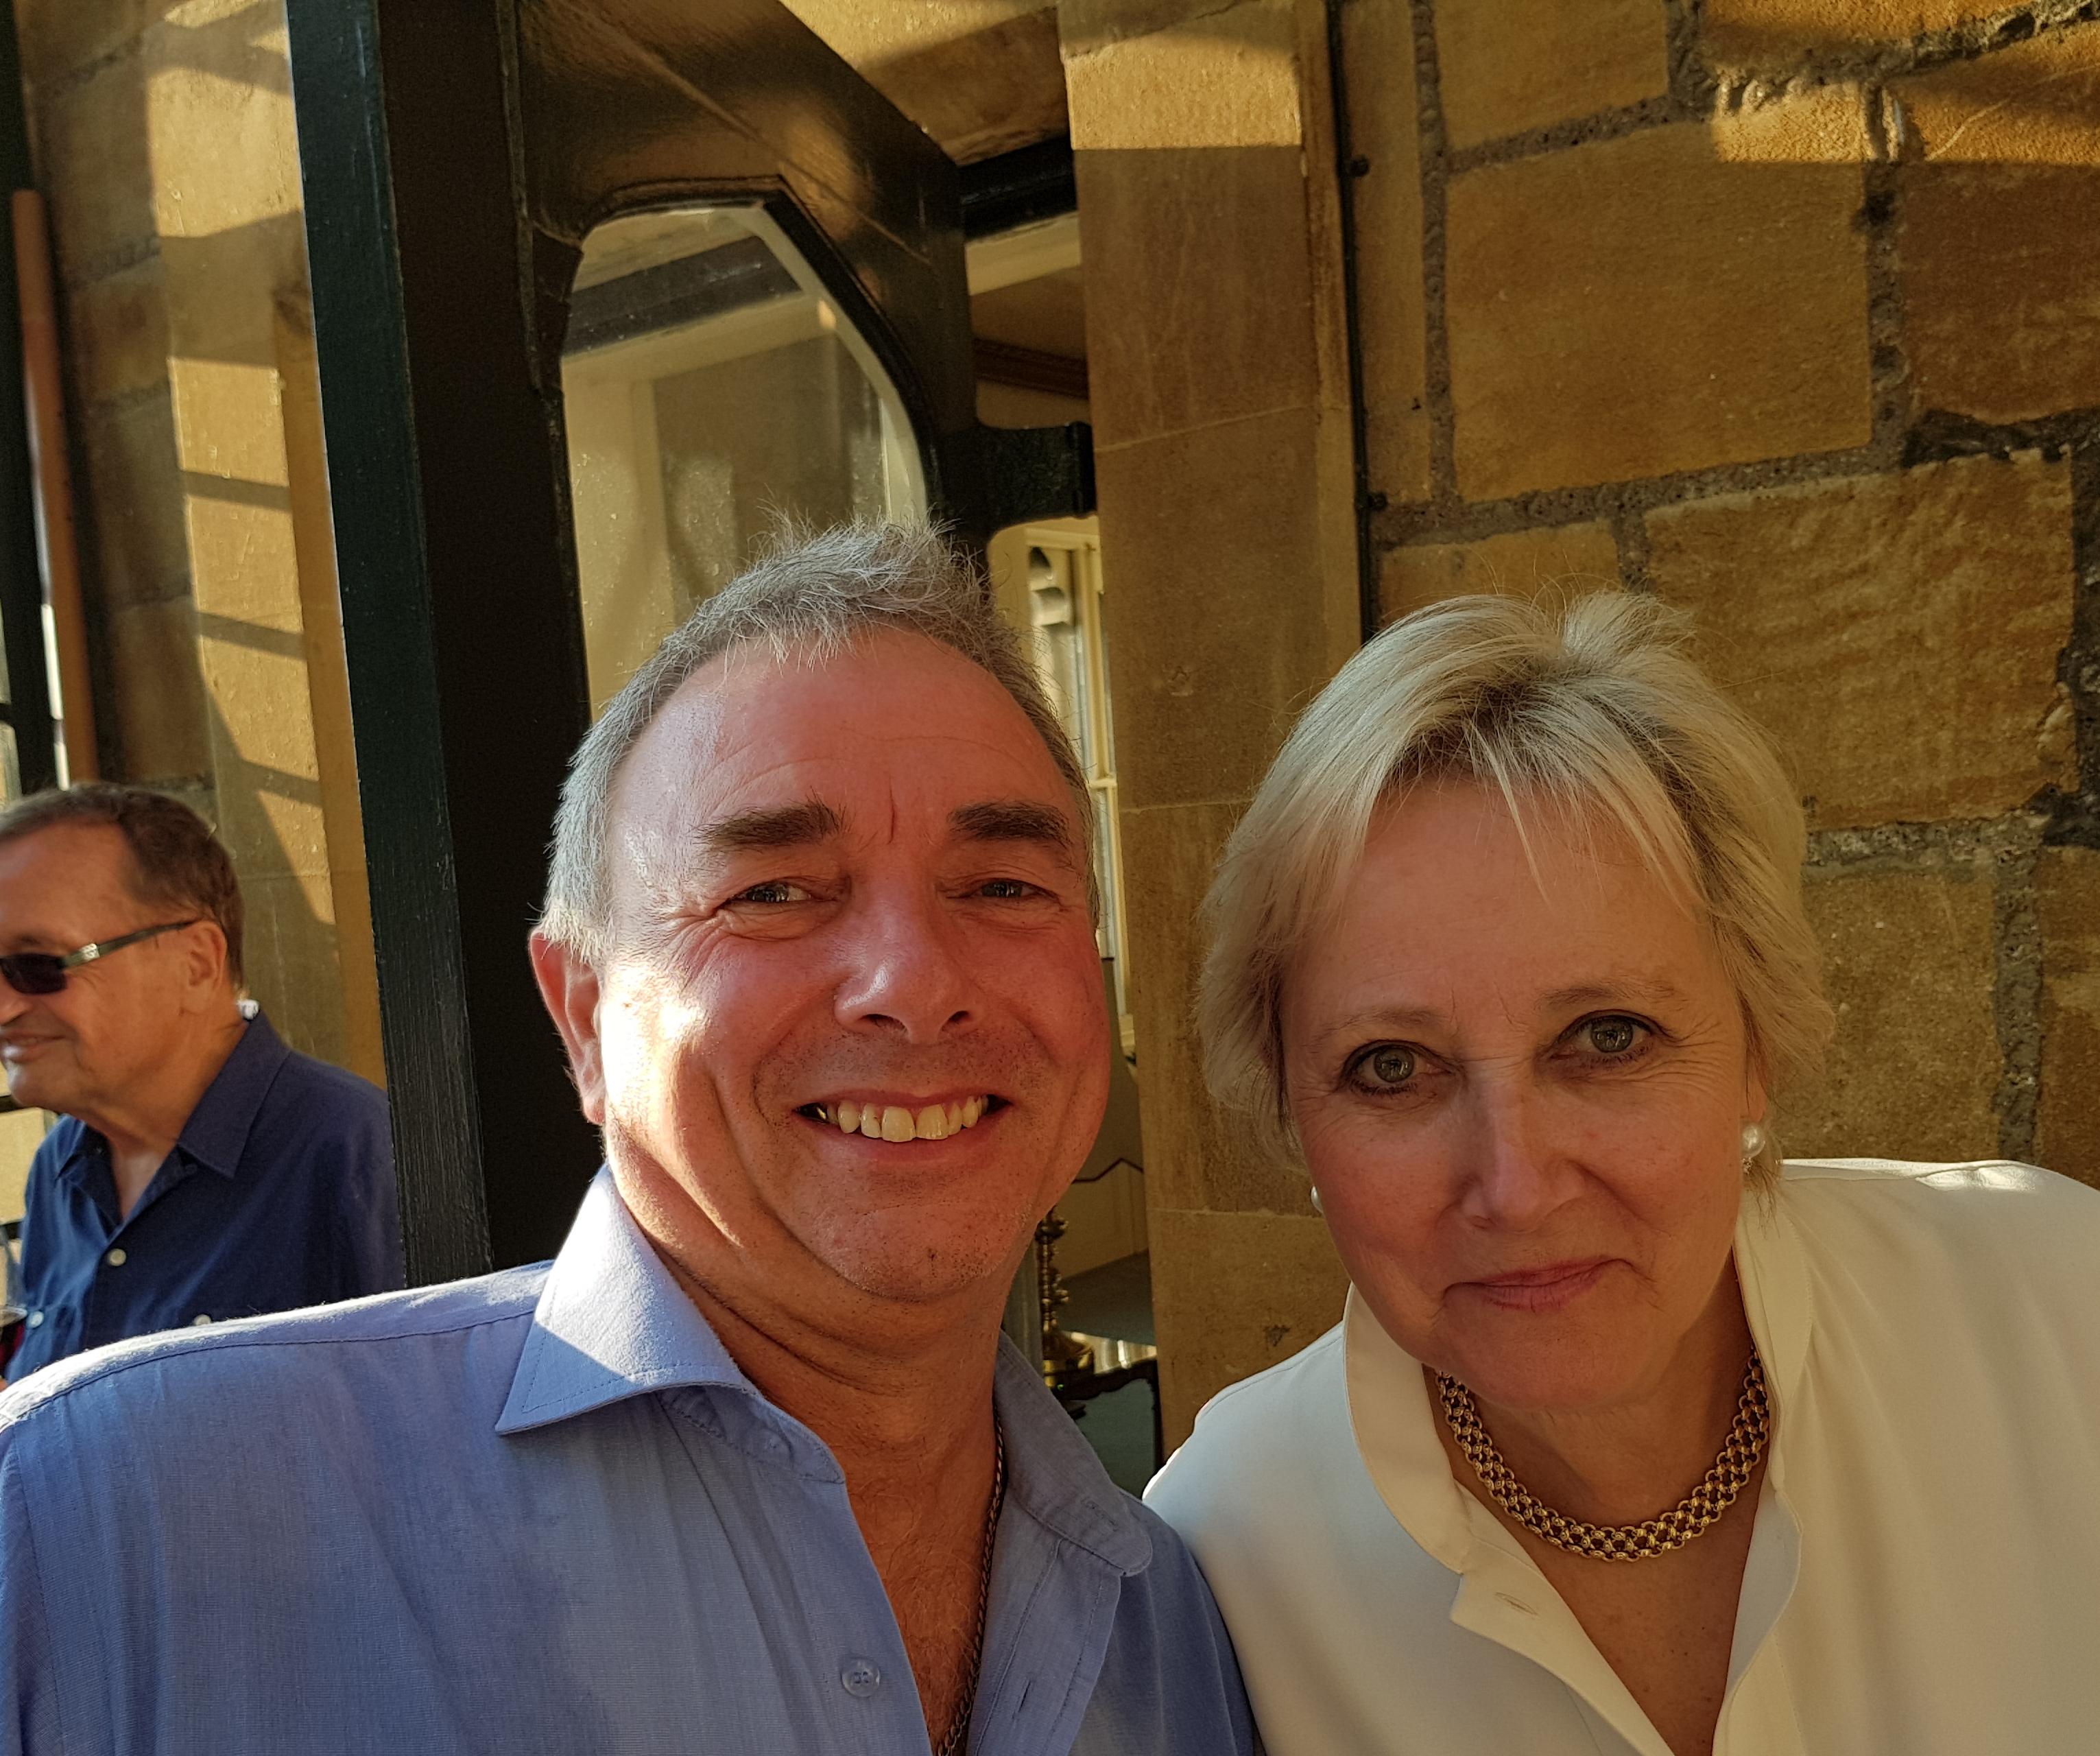 Kevin Giddings and Pamela Harper